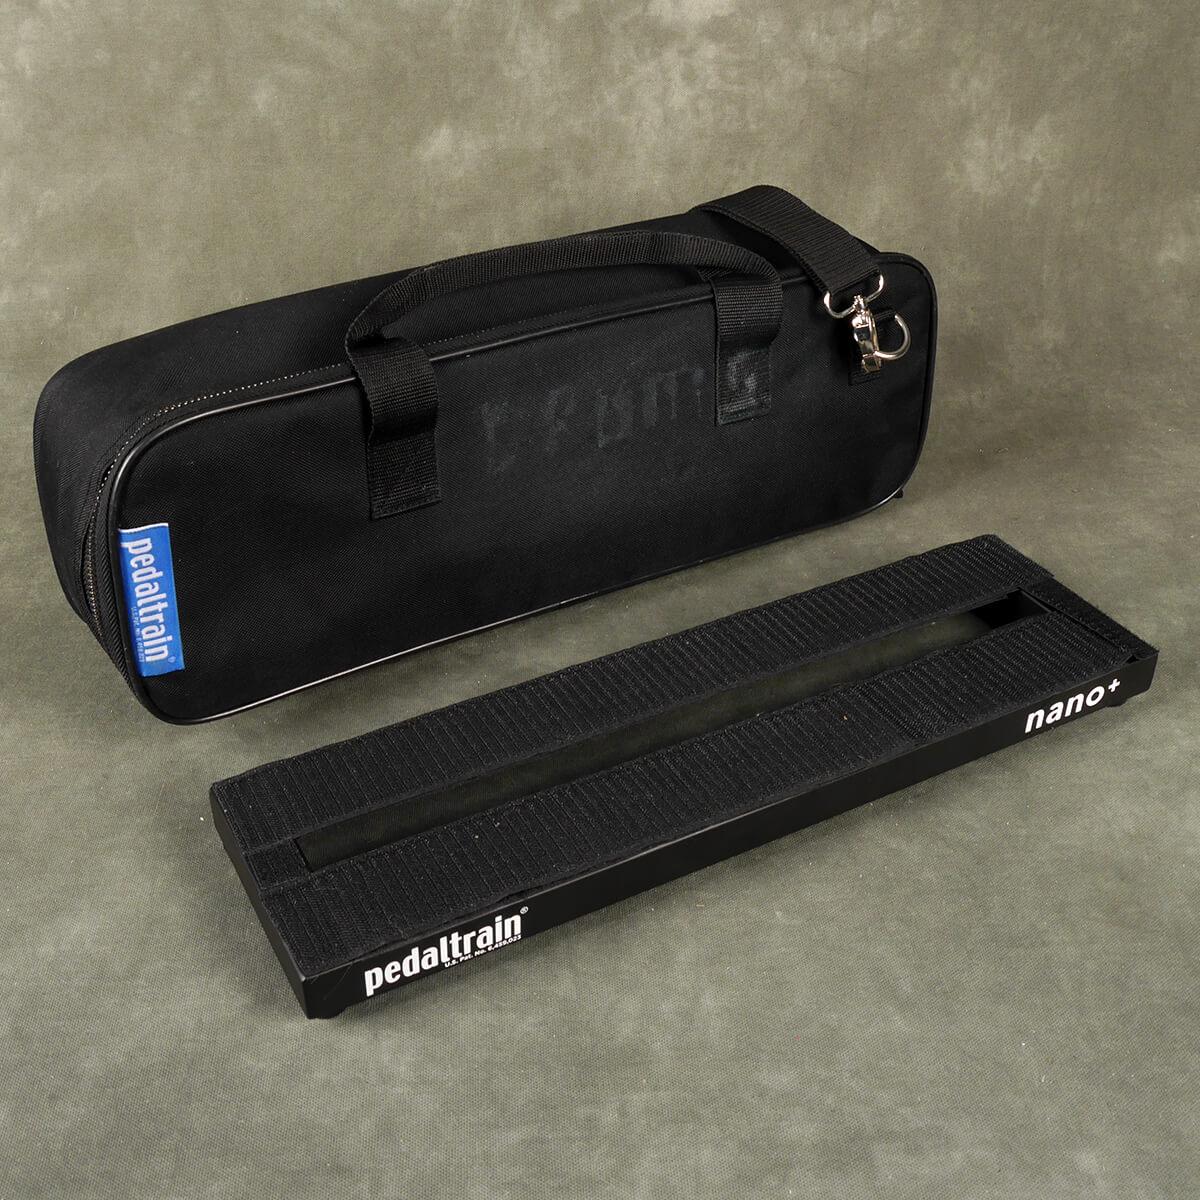 Pedaltrain Nano+ Pedalboard w/Gig Bag - 2nd Hand